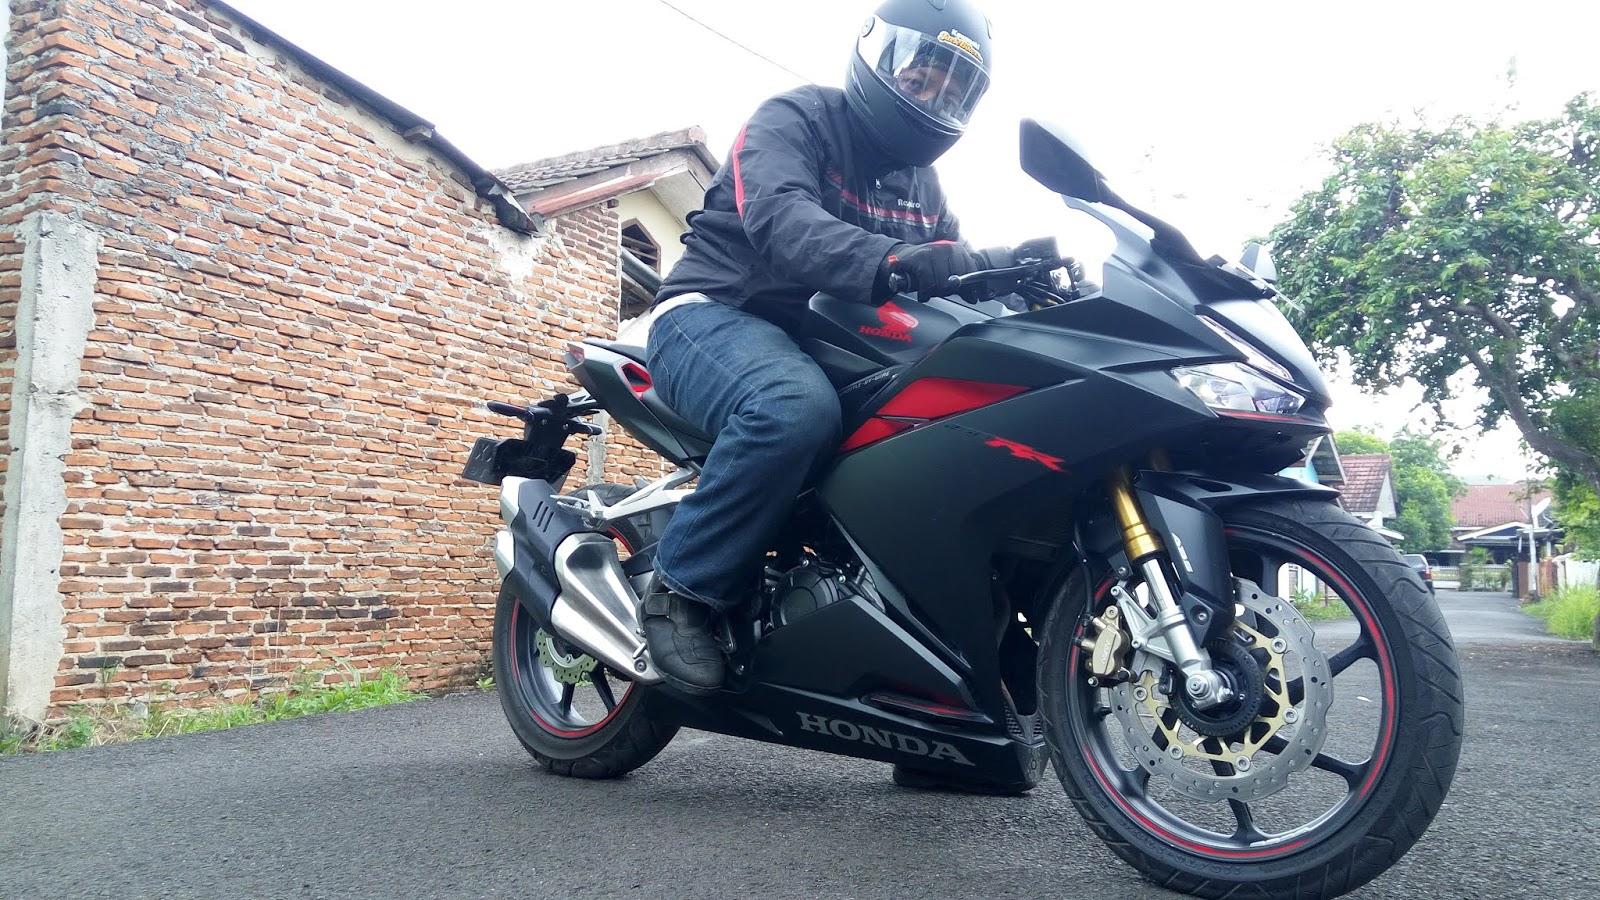 Kawasaki Ninja 250 FI Melorot, Honda CBR250RR Ada Peningkatan